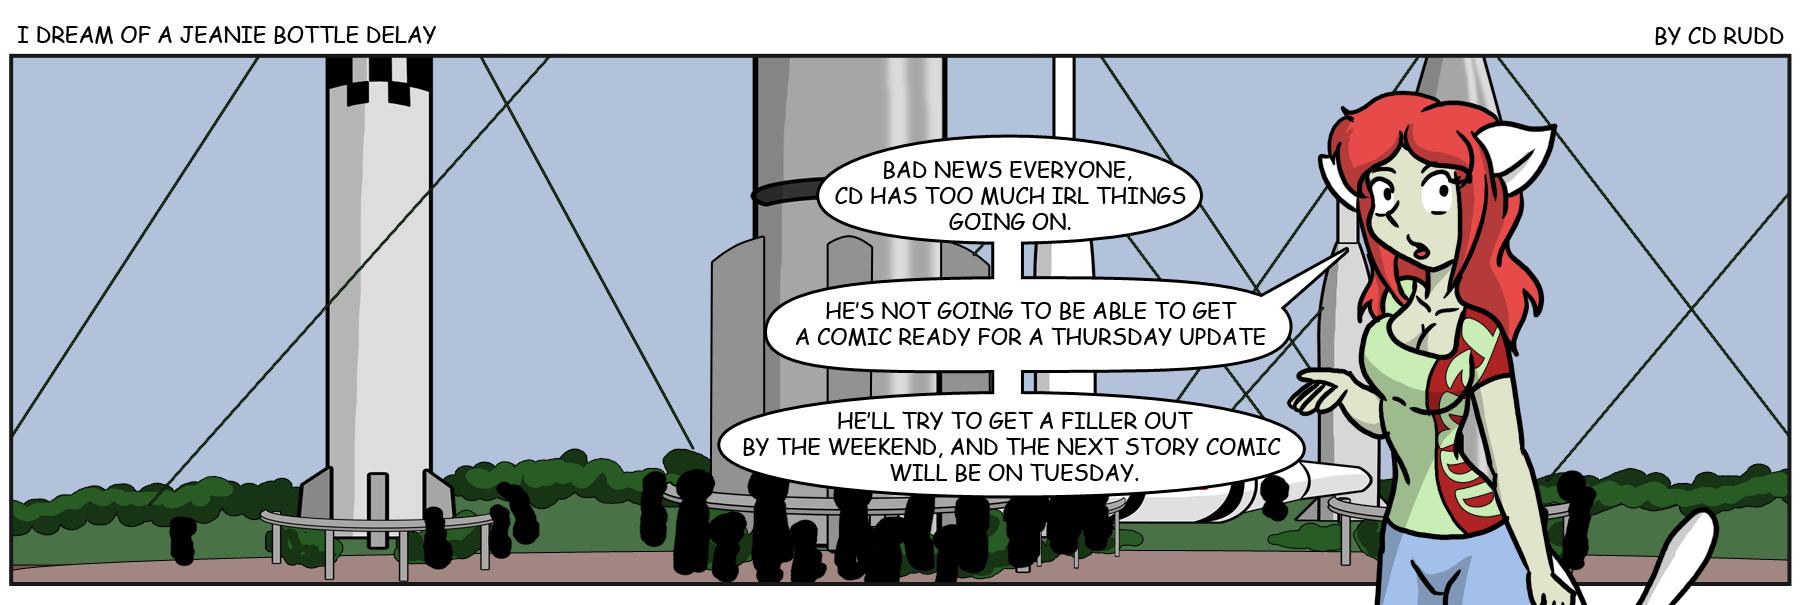 Filler – JB Delayed till next week